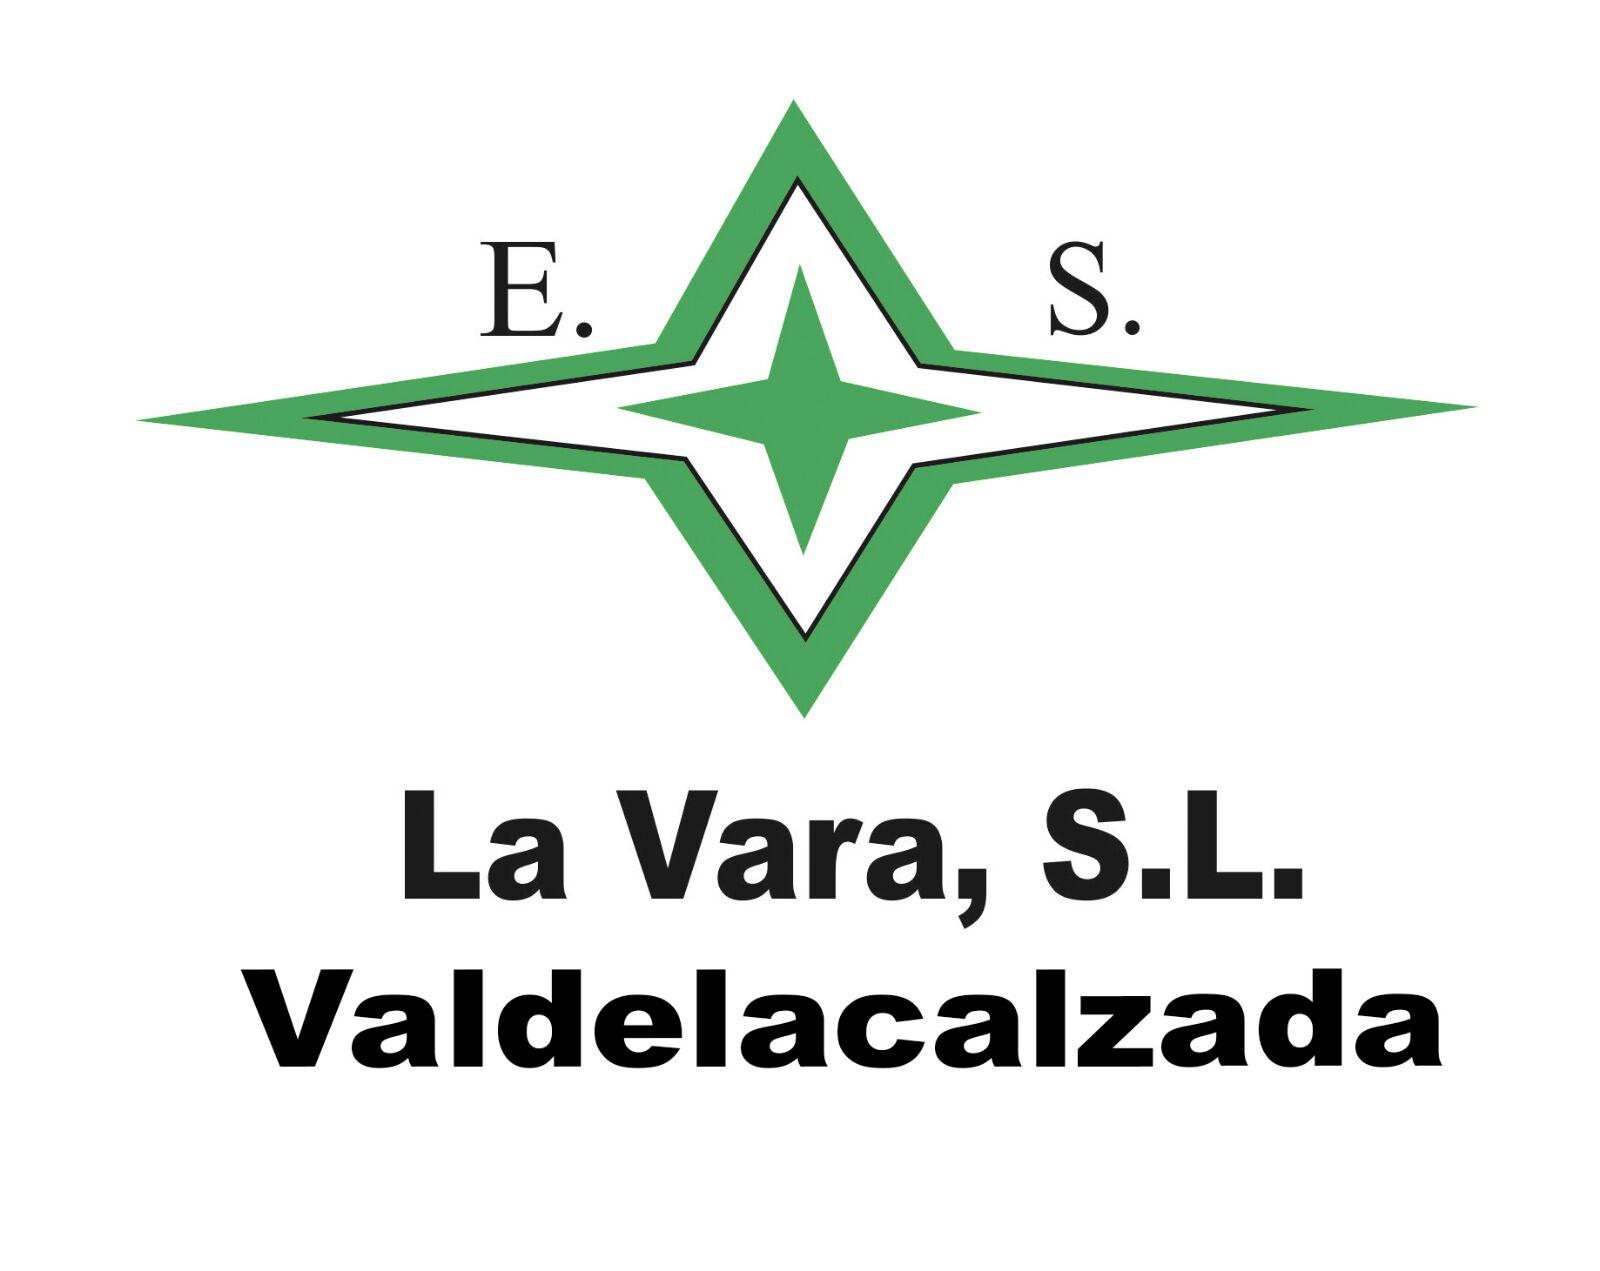 E.S. LA VARA